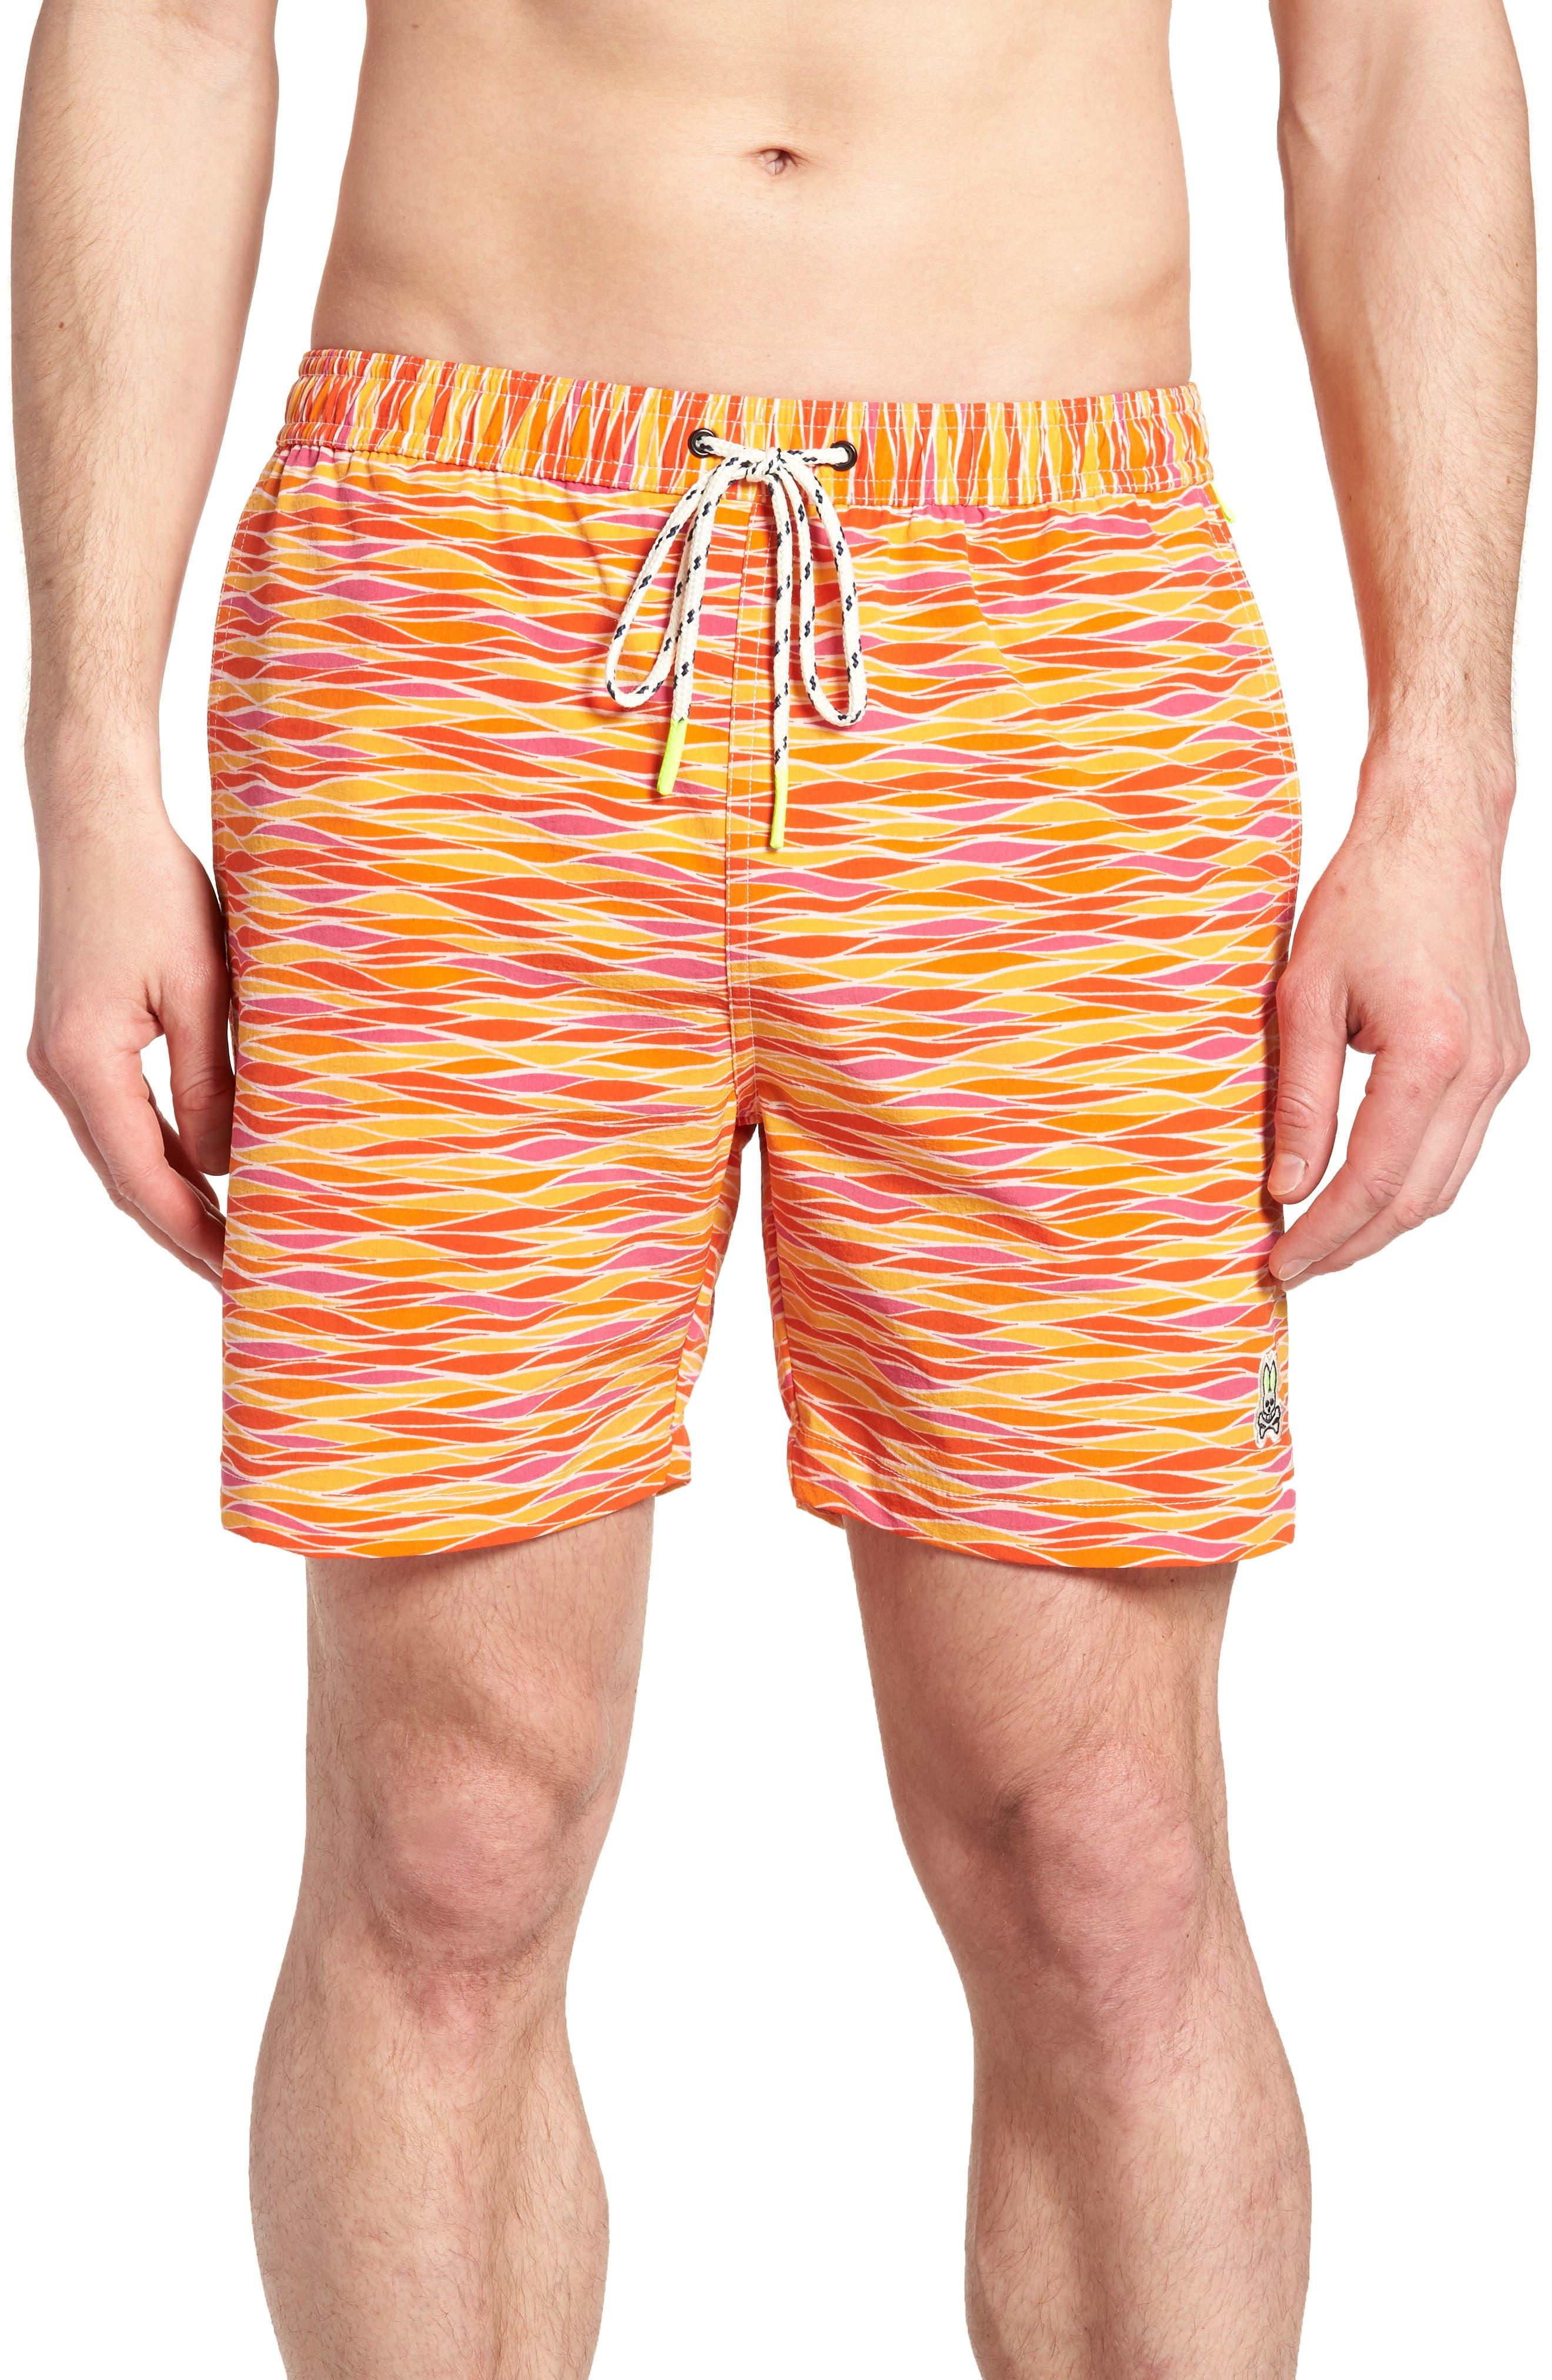 Printer Swim Trunks,                         Main,                         color, Fuego